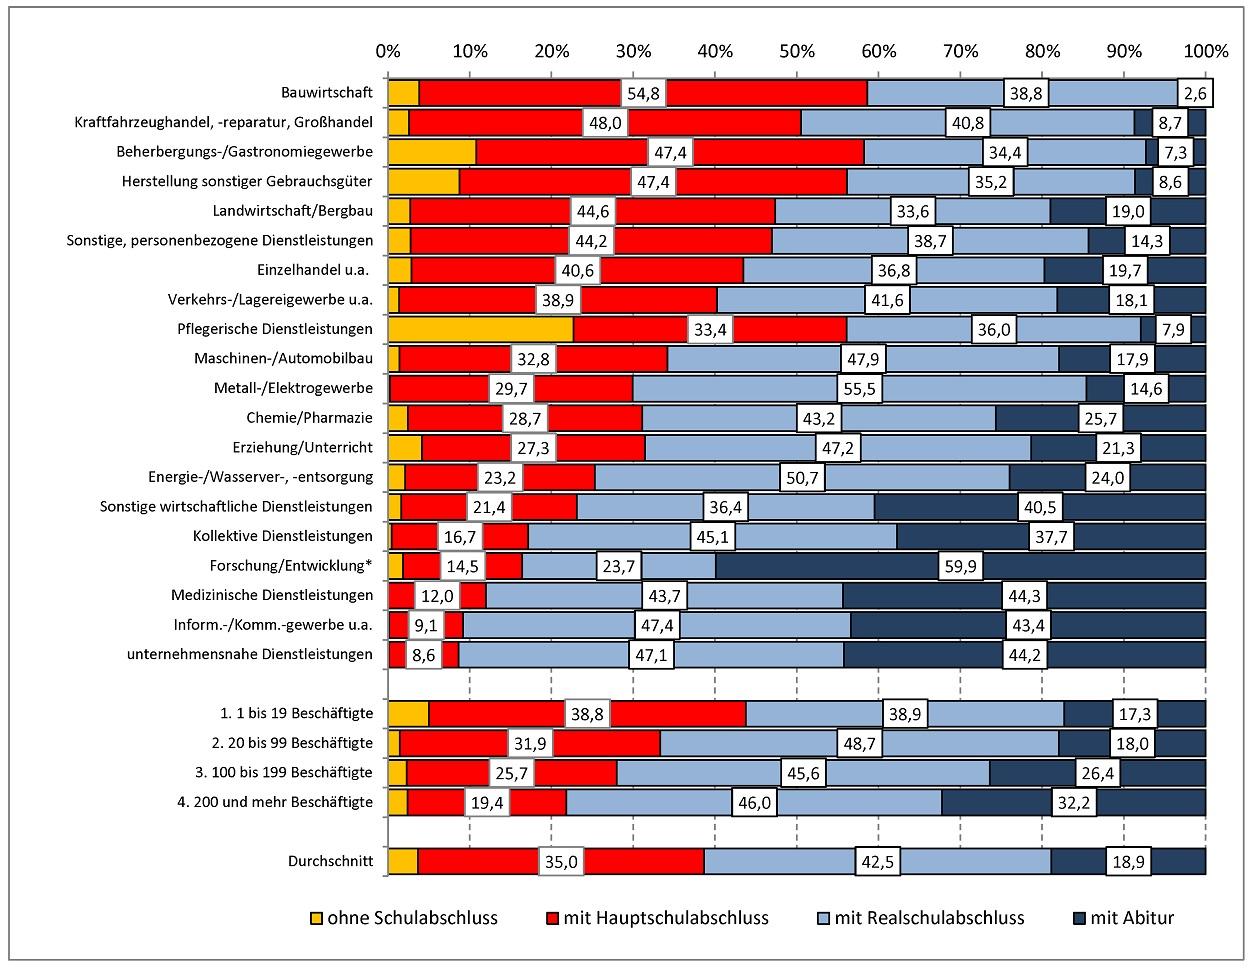 Abbildung: Durchschnittliche Anteile an Bewerbern um Ausbildungsstellen  nach schulischer Vor-bildung und Wirtschaftsbereichen in